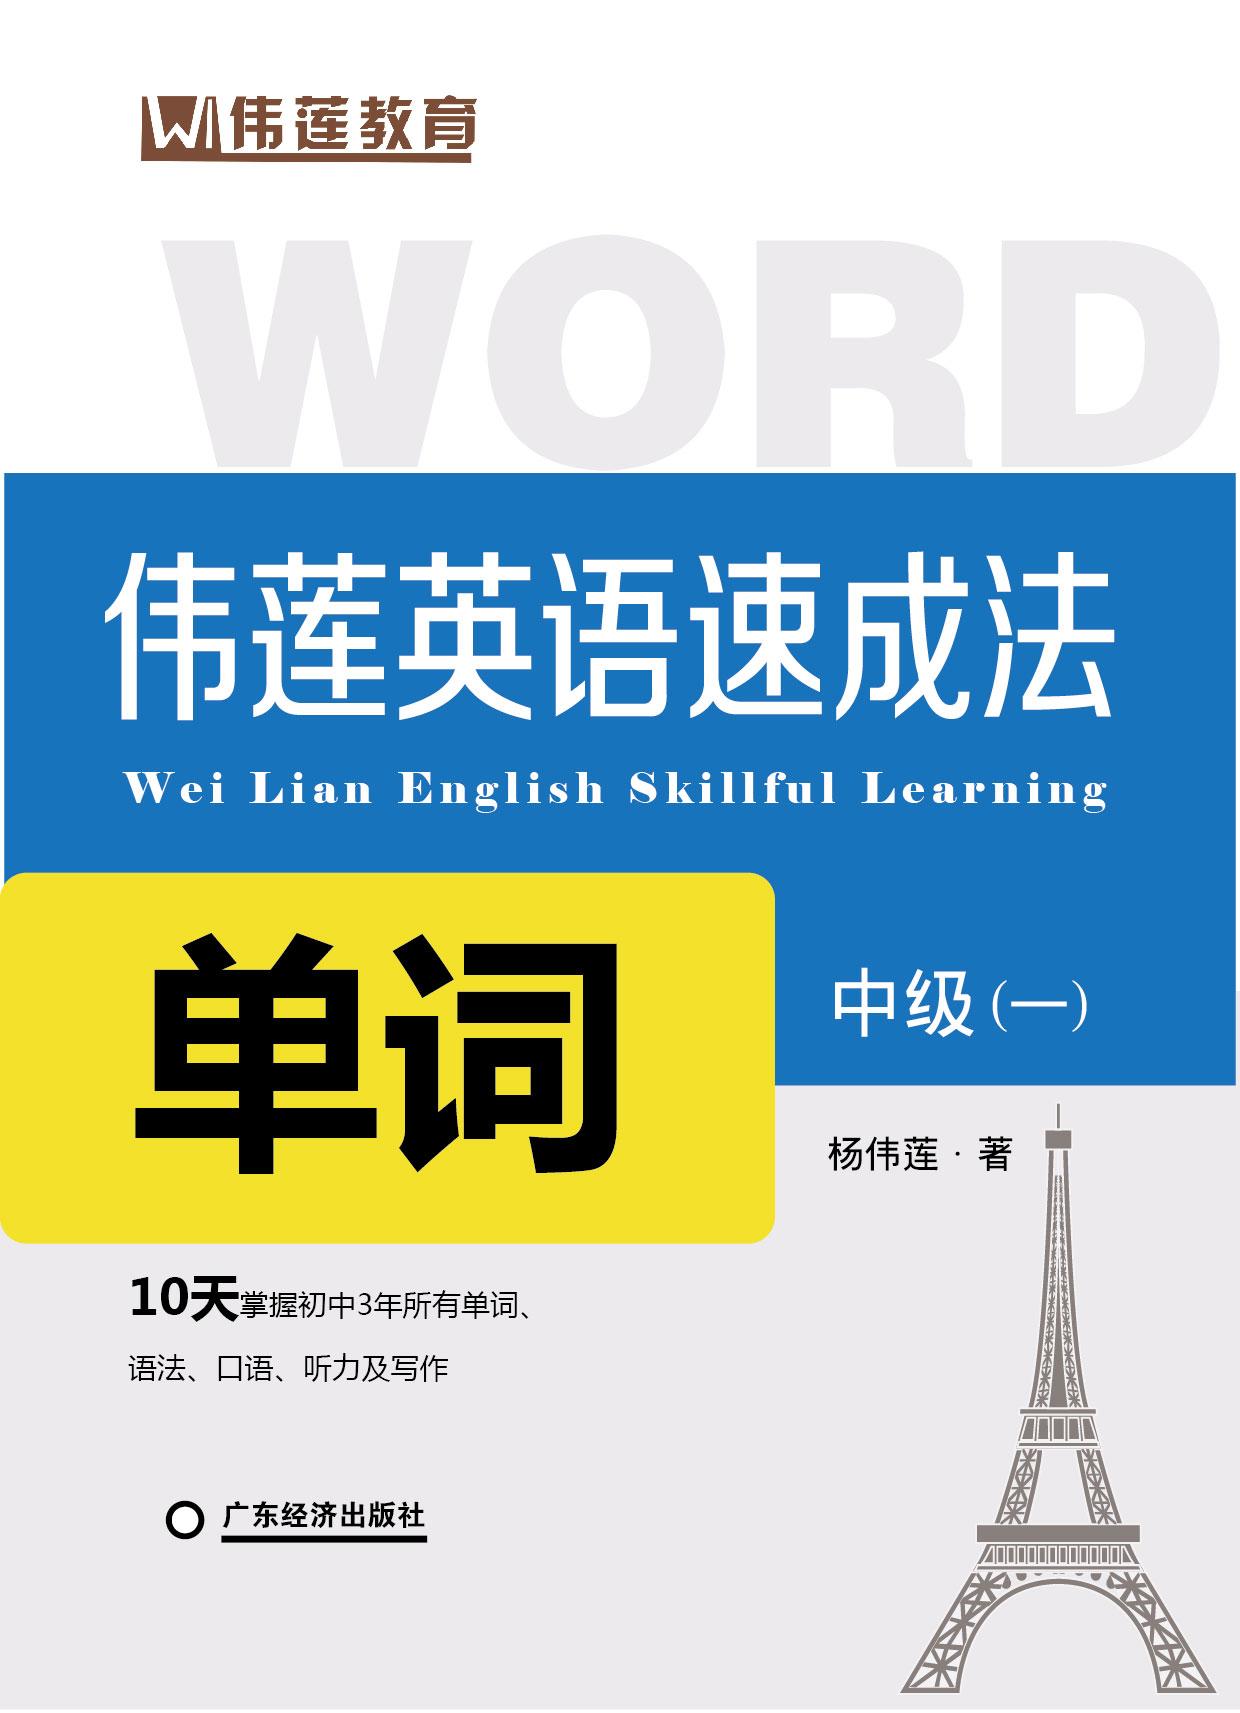 高中语法、单词班